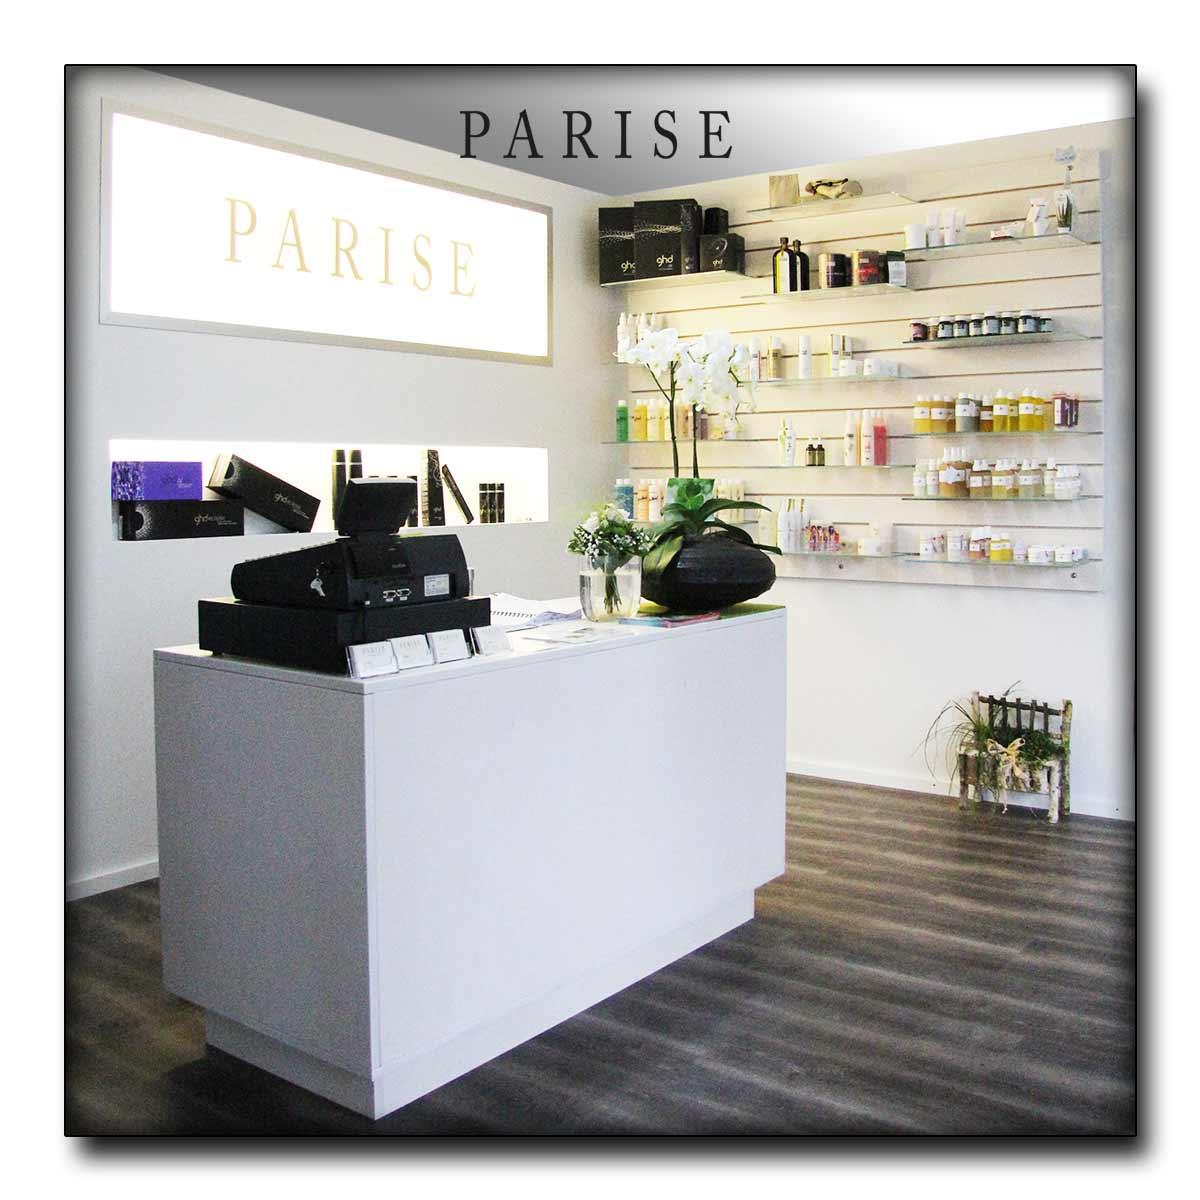 Friseur Salon Parise in Rottweil - Empfang